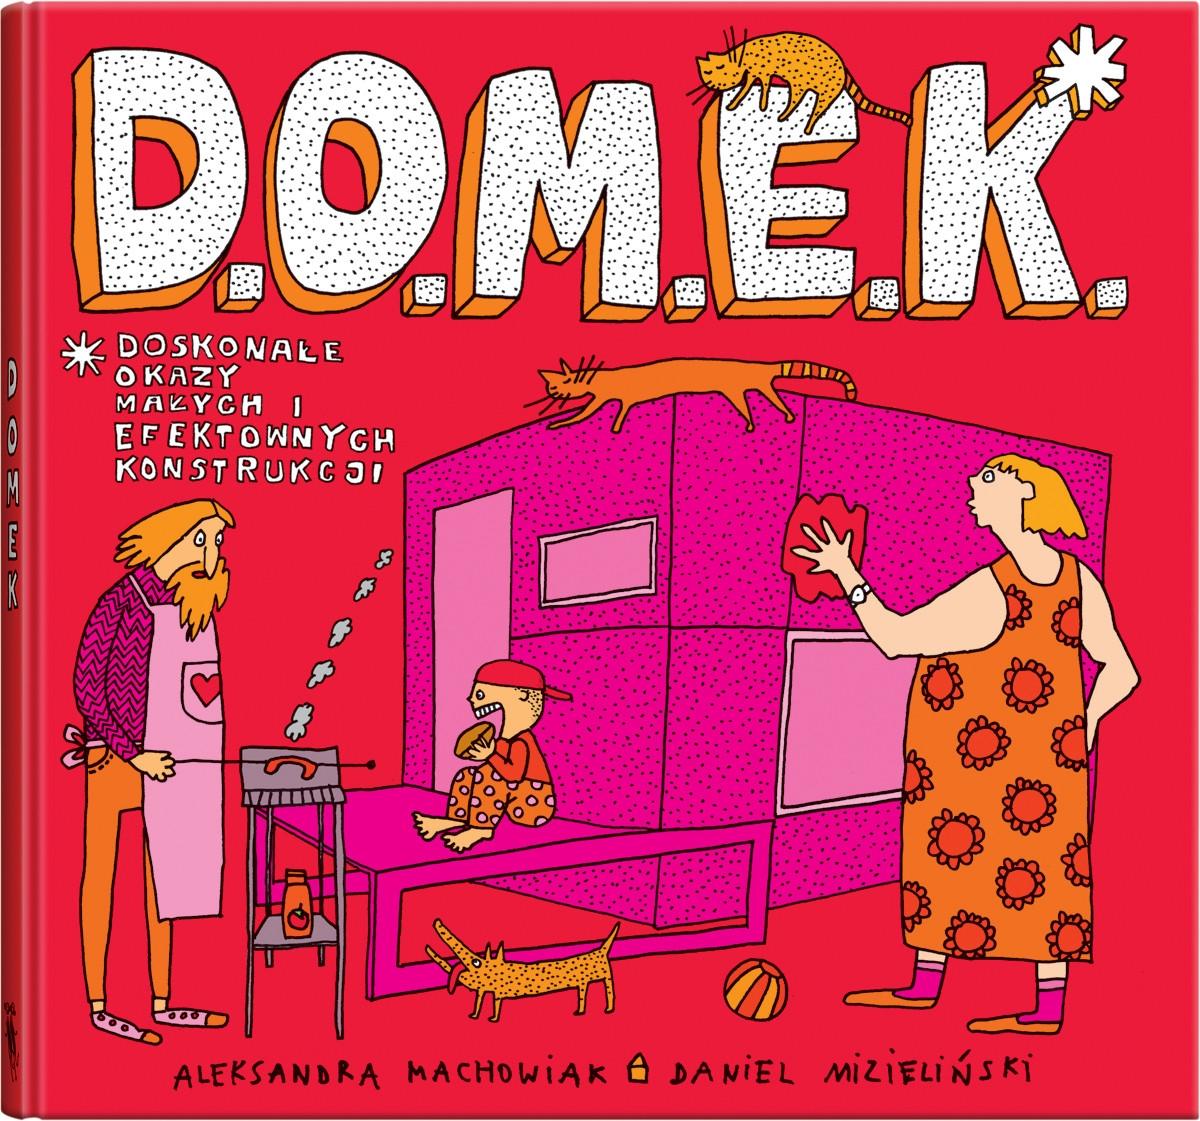 D.O.M.E.K. - Doskonałe Okazy Małych i Efektownych Konstrukcji Mizielińska Aleksandra, Mizieliński Daniel